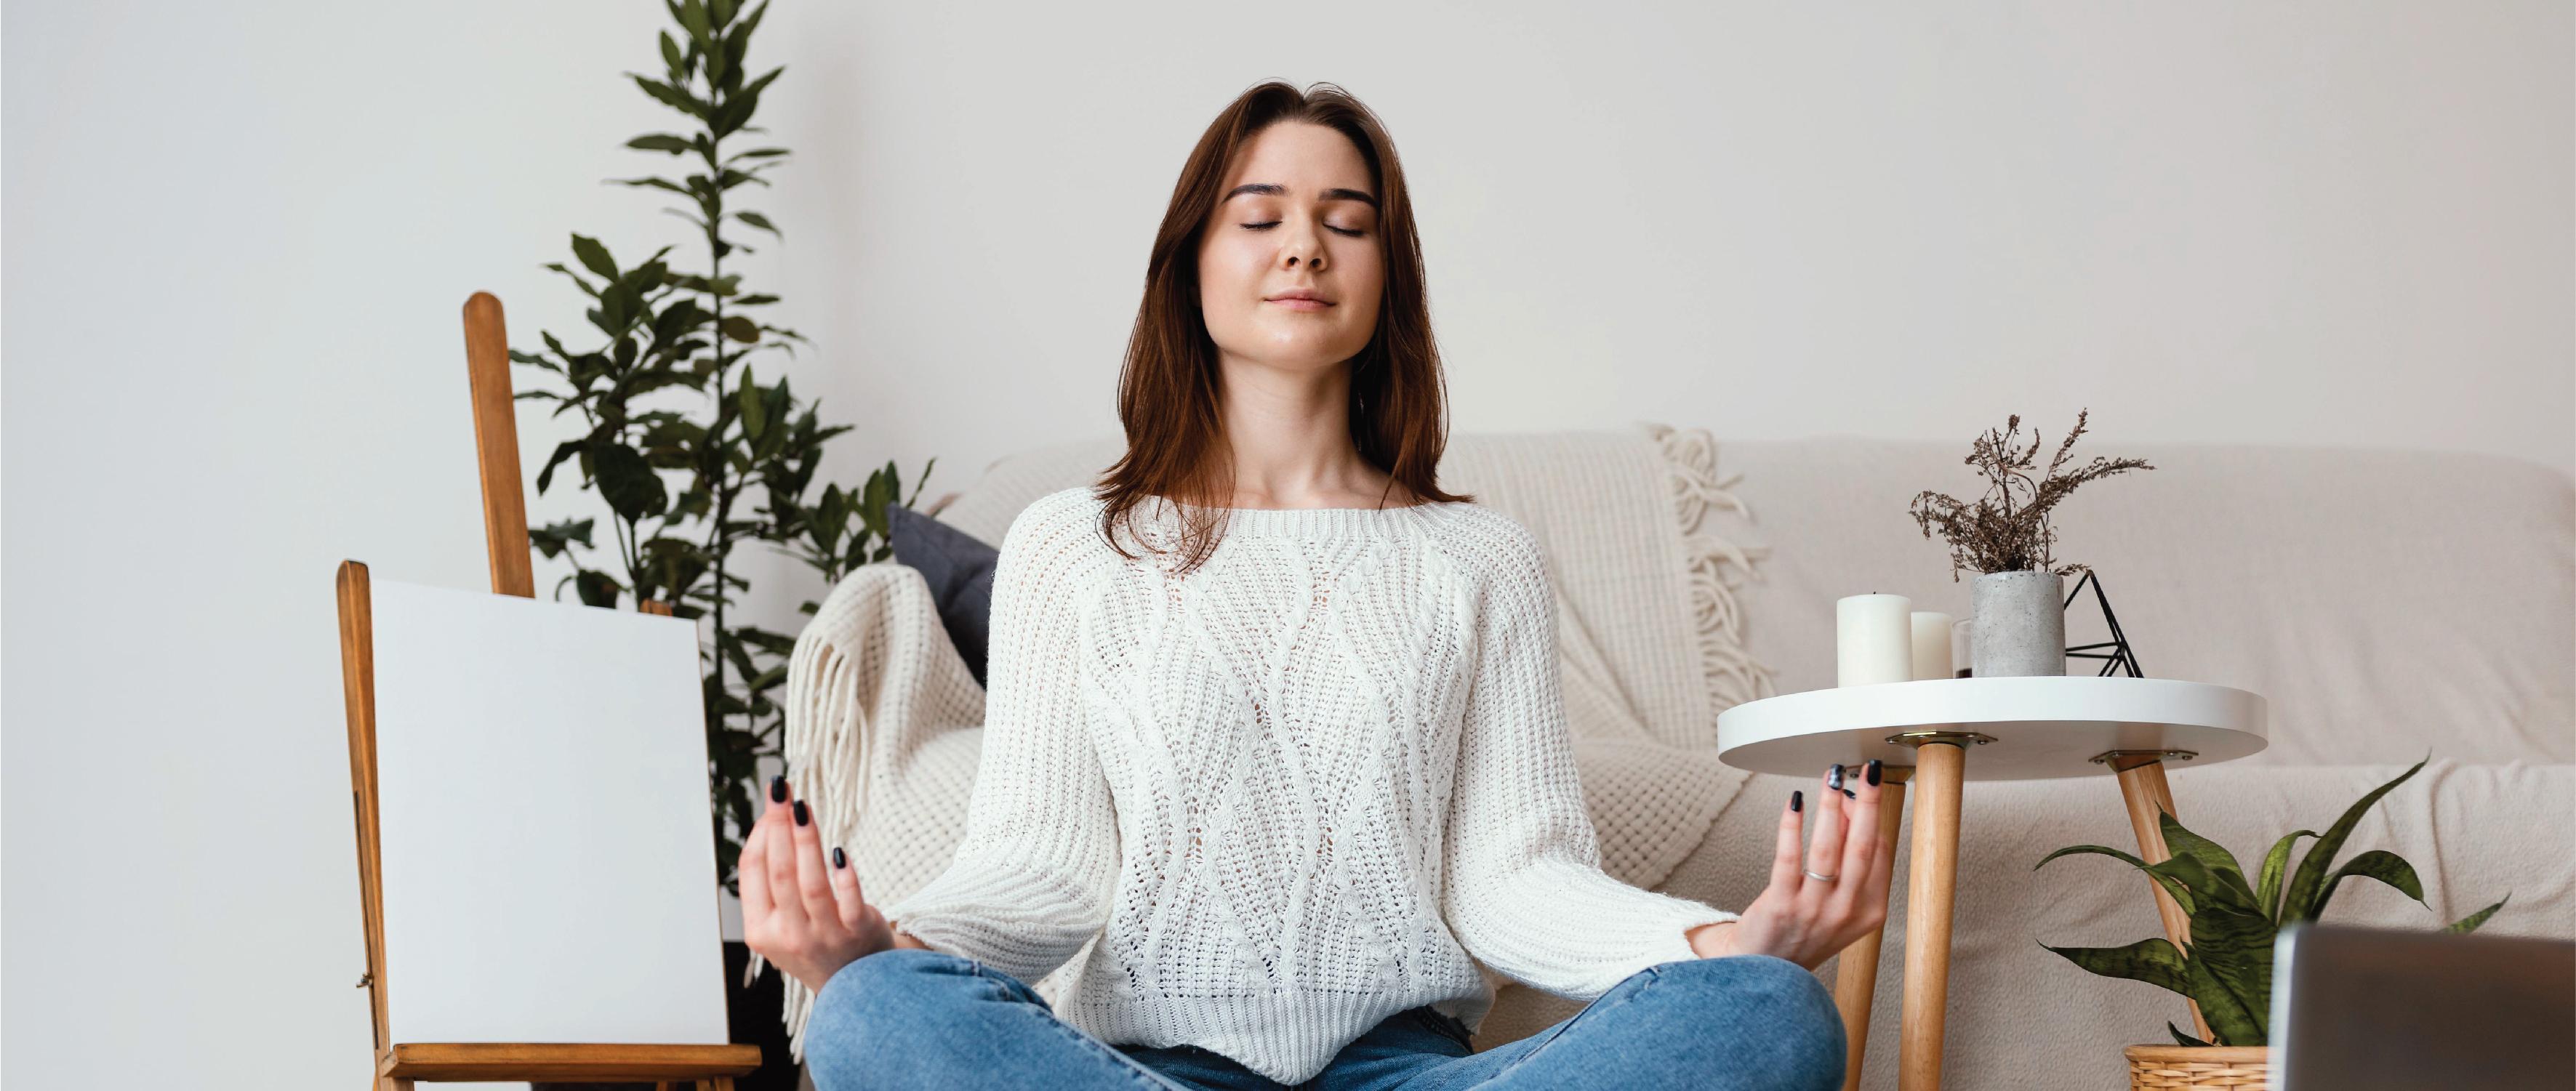 mindfulness-tecnica-para-reducir-estres